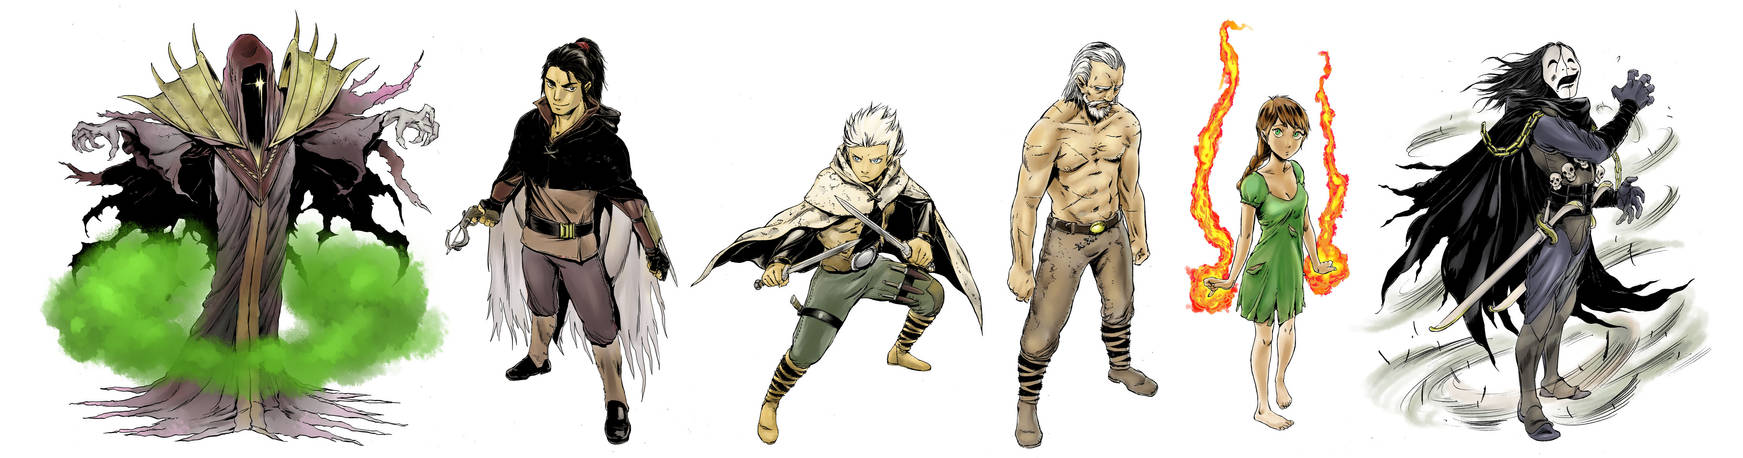 Mythos Main Characters